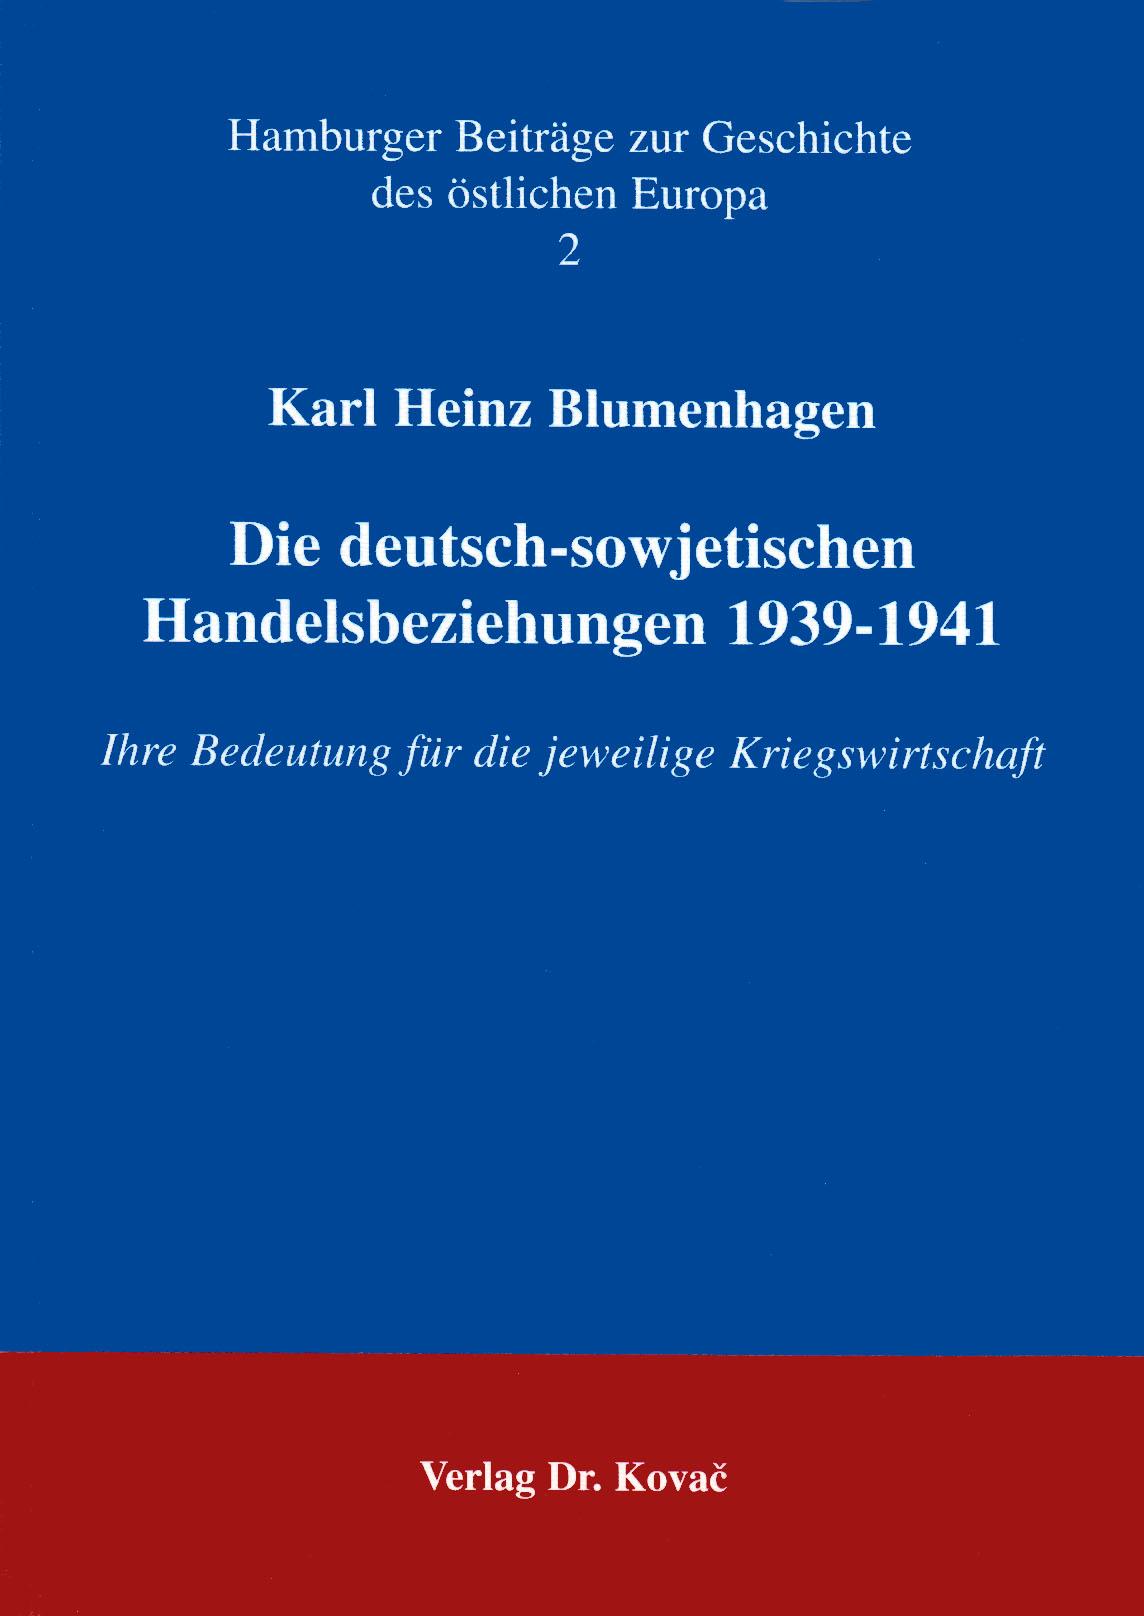 Cover: Die deutsch-sowjetischen Handelsbeziehungen 1939-1941